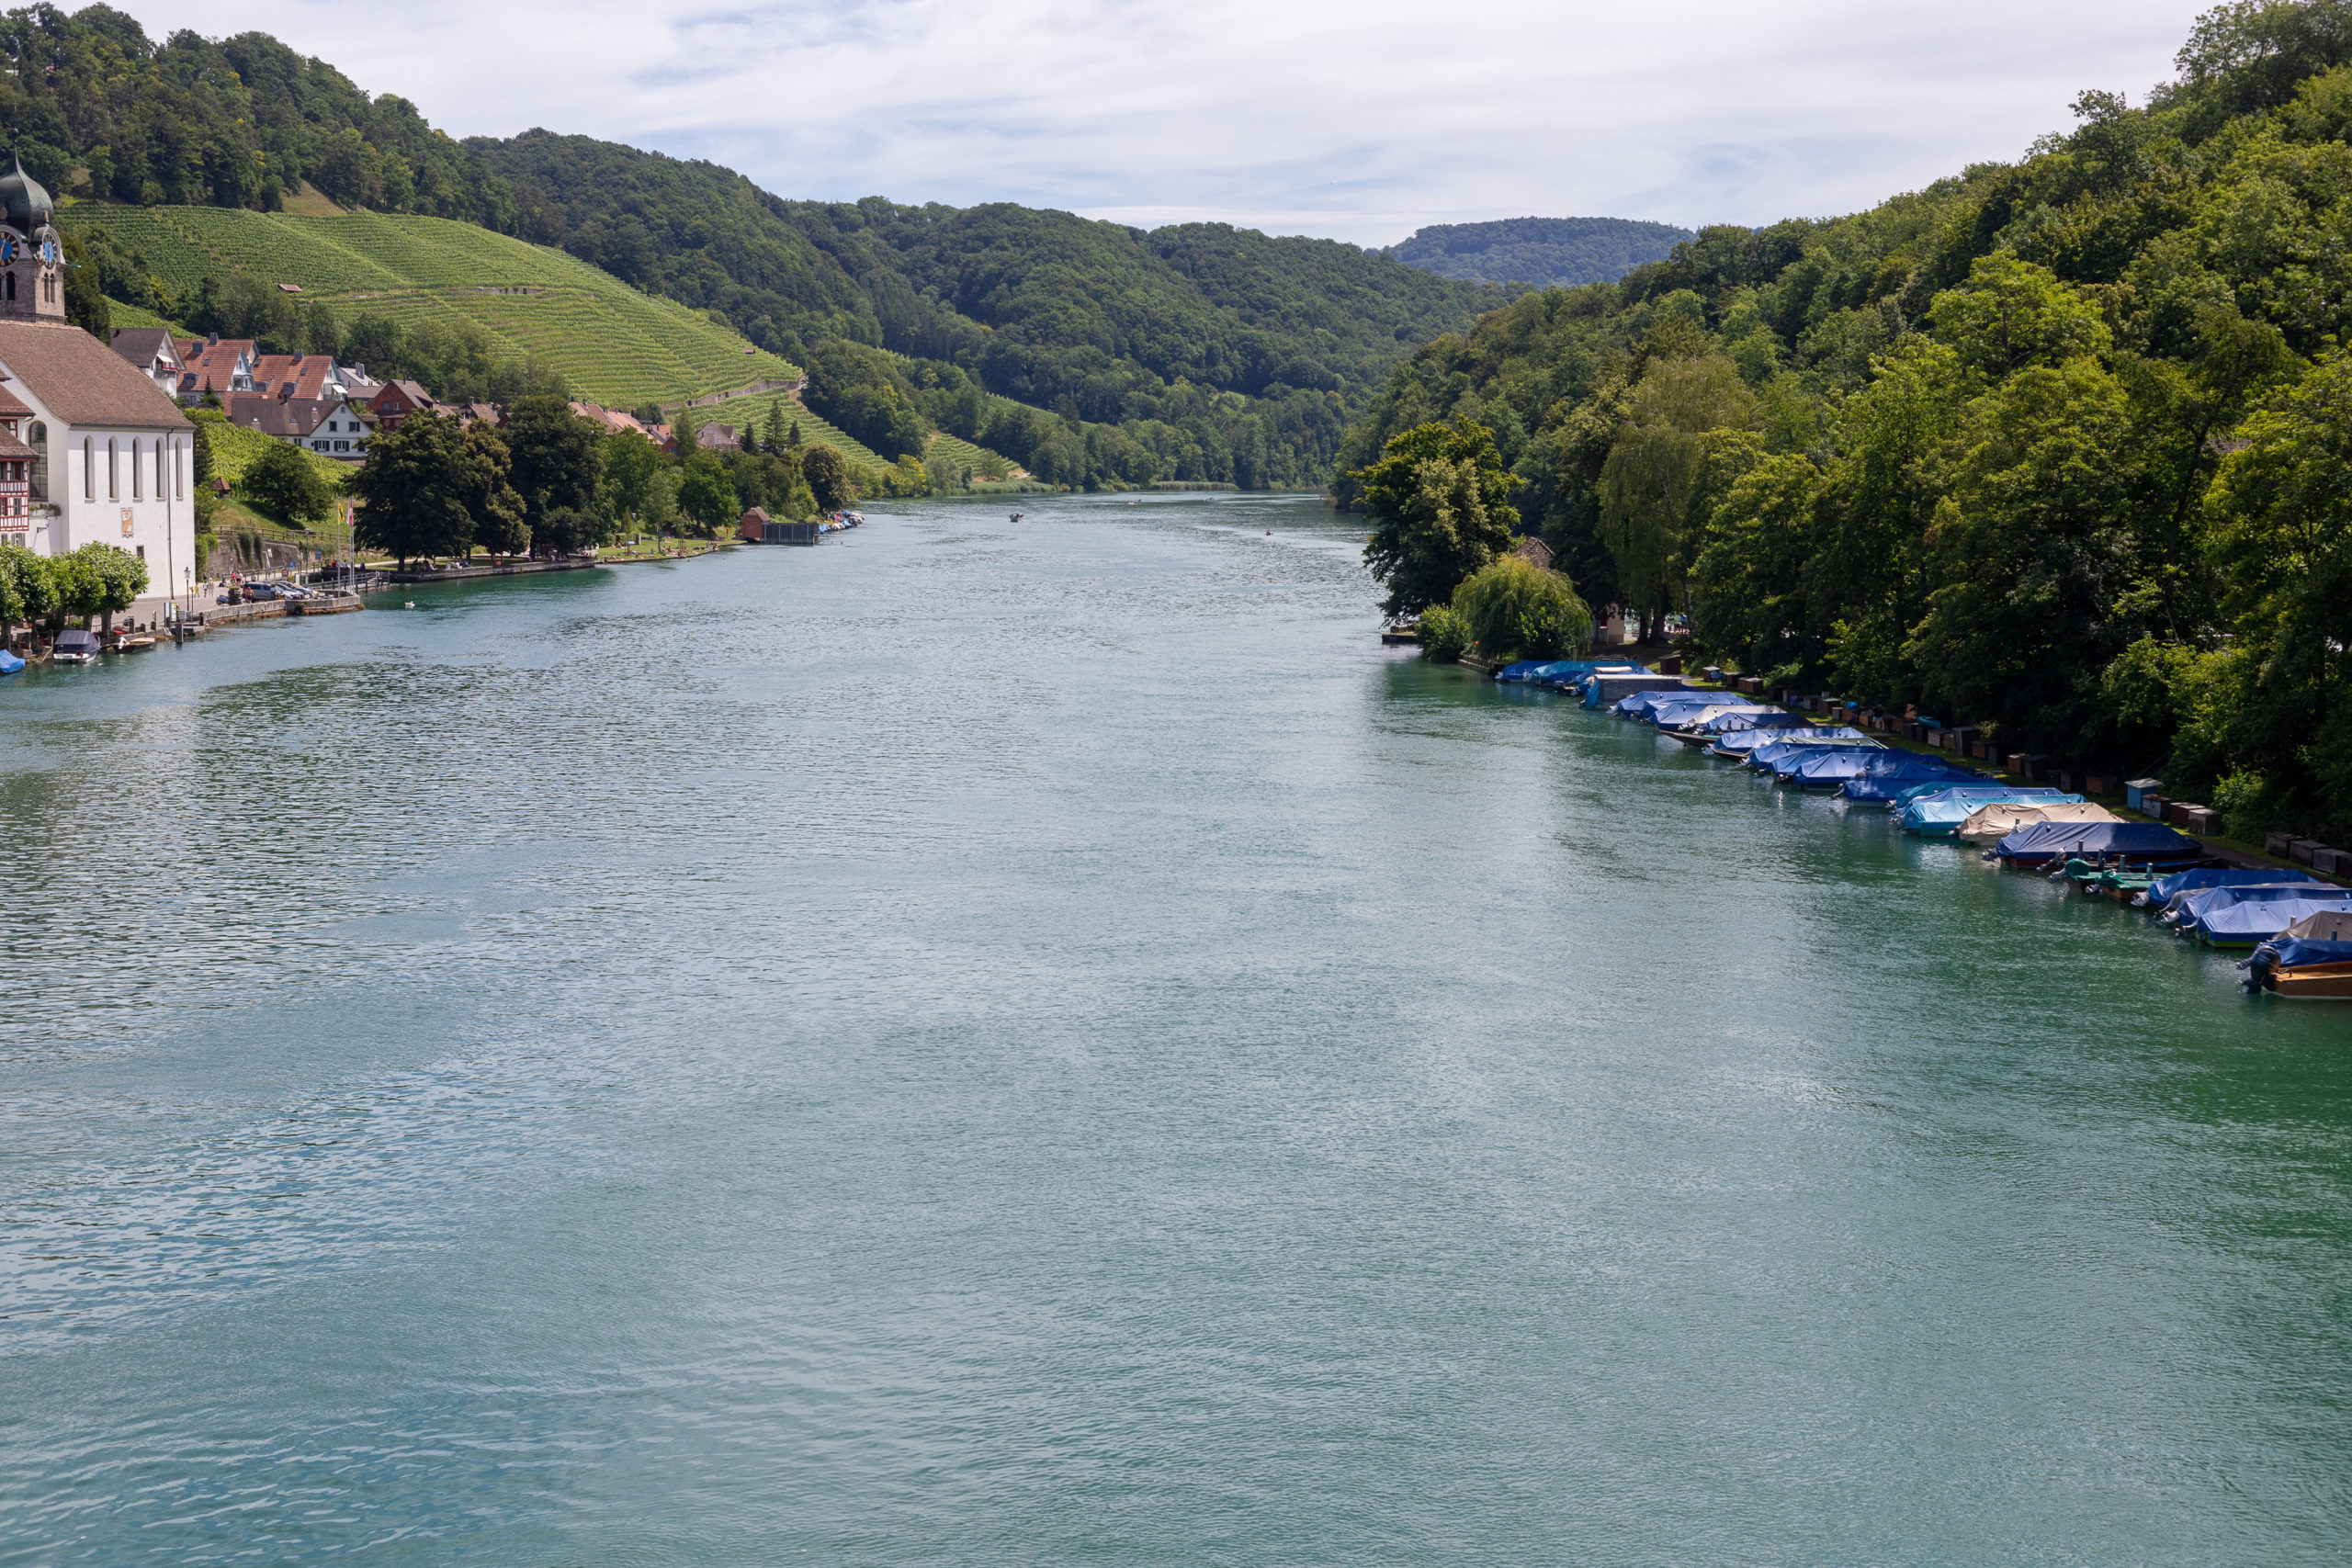 Blick von einer Brücke auf den breiten Rhein, rechts gesäumt von Wäldern, am Ufer Boote. Links auch viel grün, eine Kirche und einige Häuser scheinen durch.